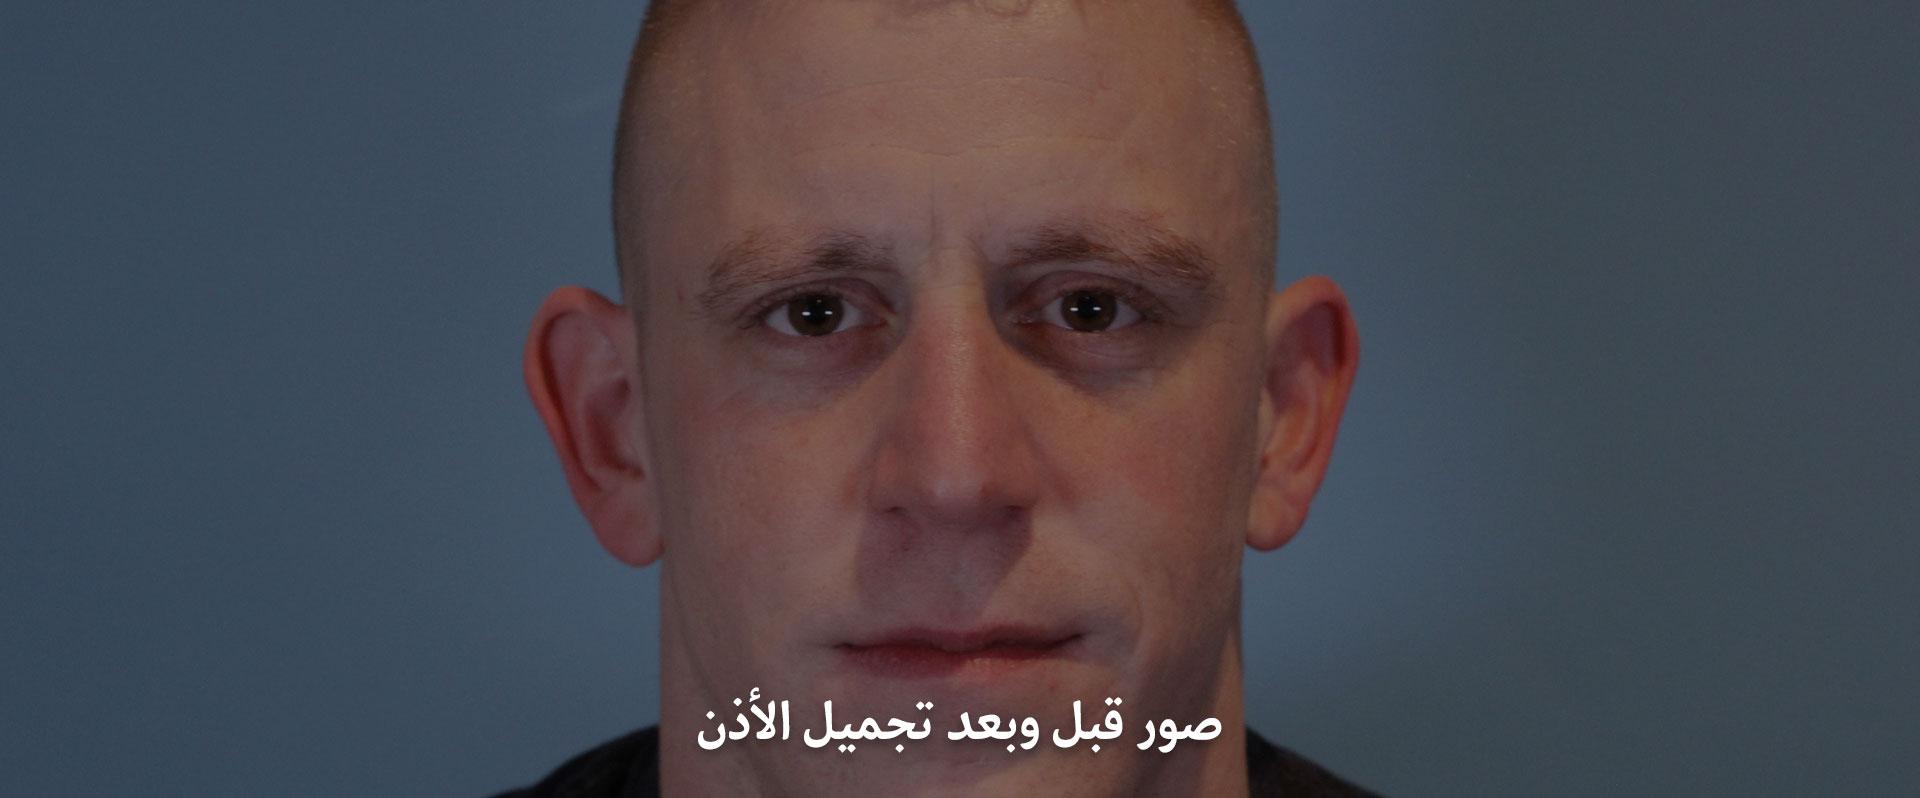 صور قبل وبعد تجميل الاذن في ايران